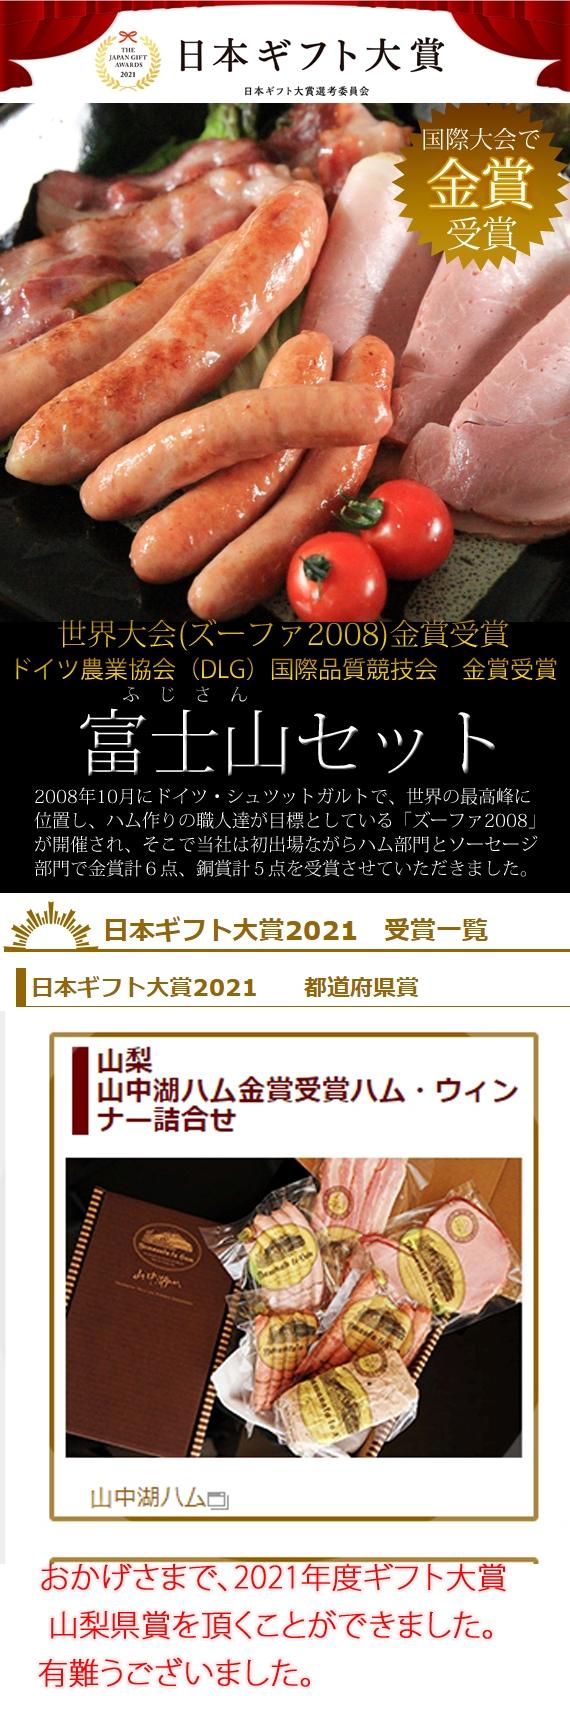 【富士の恵みをお届け】富士山セット【山中湖ハム金賞受賞ハム・ウィンナー詰合せ】<送料込み>☆ 【お中元2020】【精肉・肉加工品】